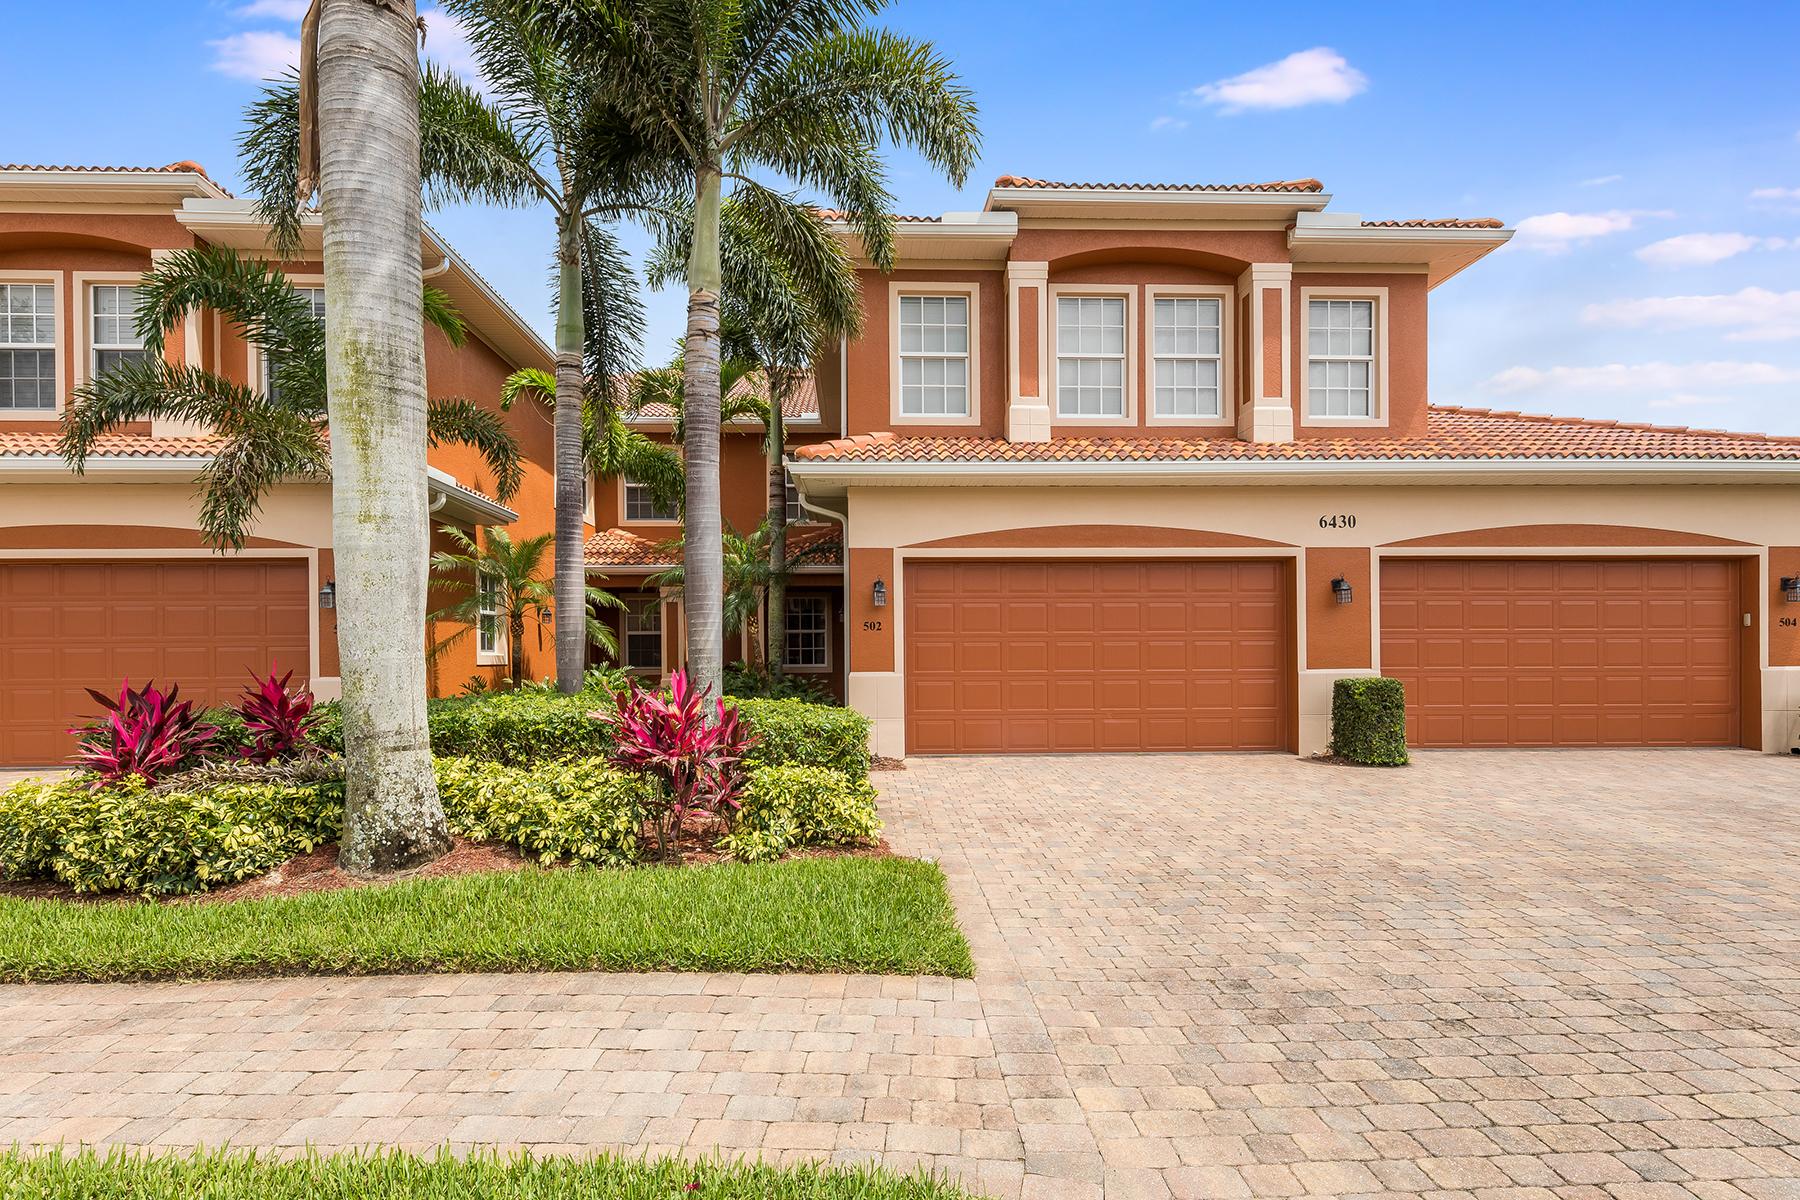 共管物業 為 出售 在 LELY RESORT 6430 Legacy Cir 502 Naples, 佛羅里達州 34113 美國